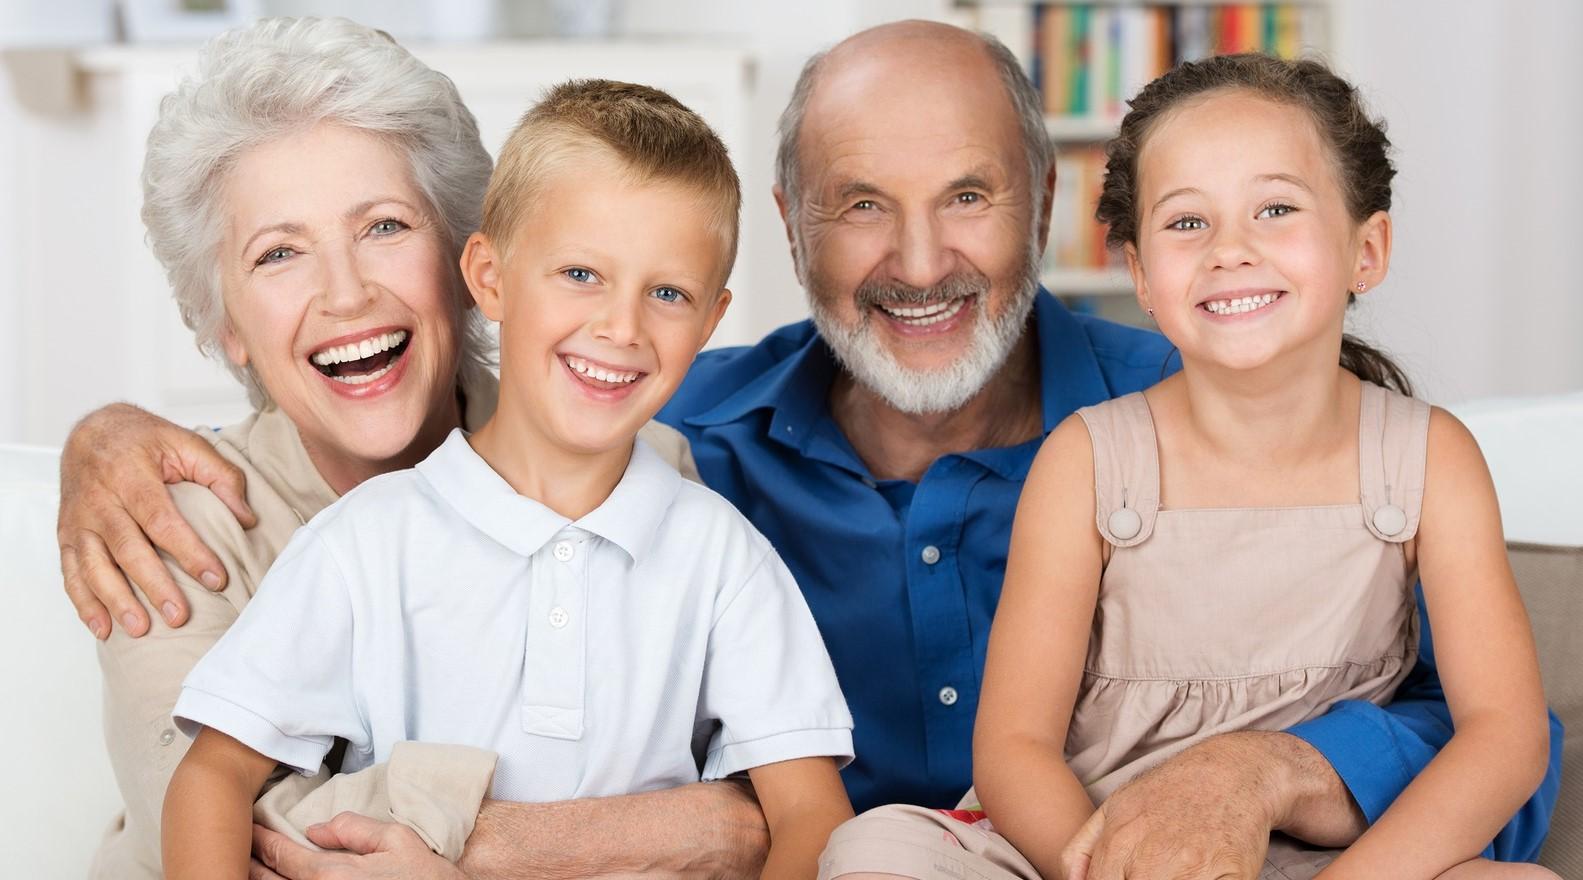 Выплаты пенсионерам МВД на детей: какие документы нужны